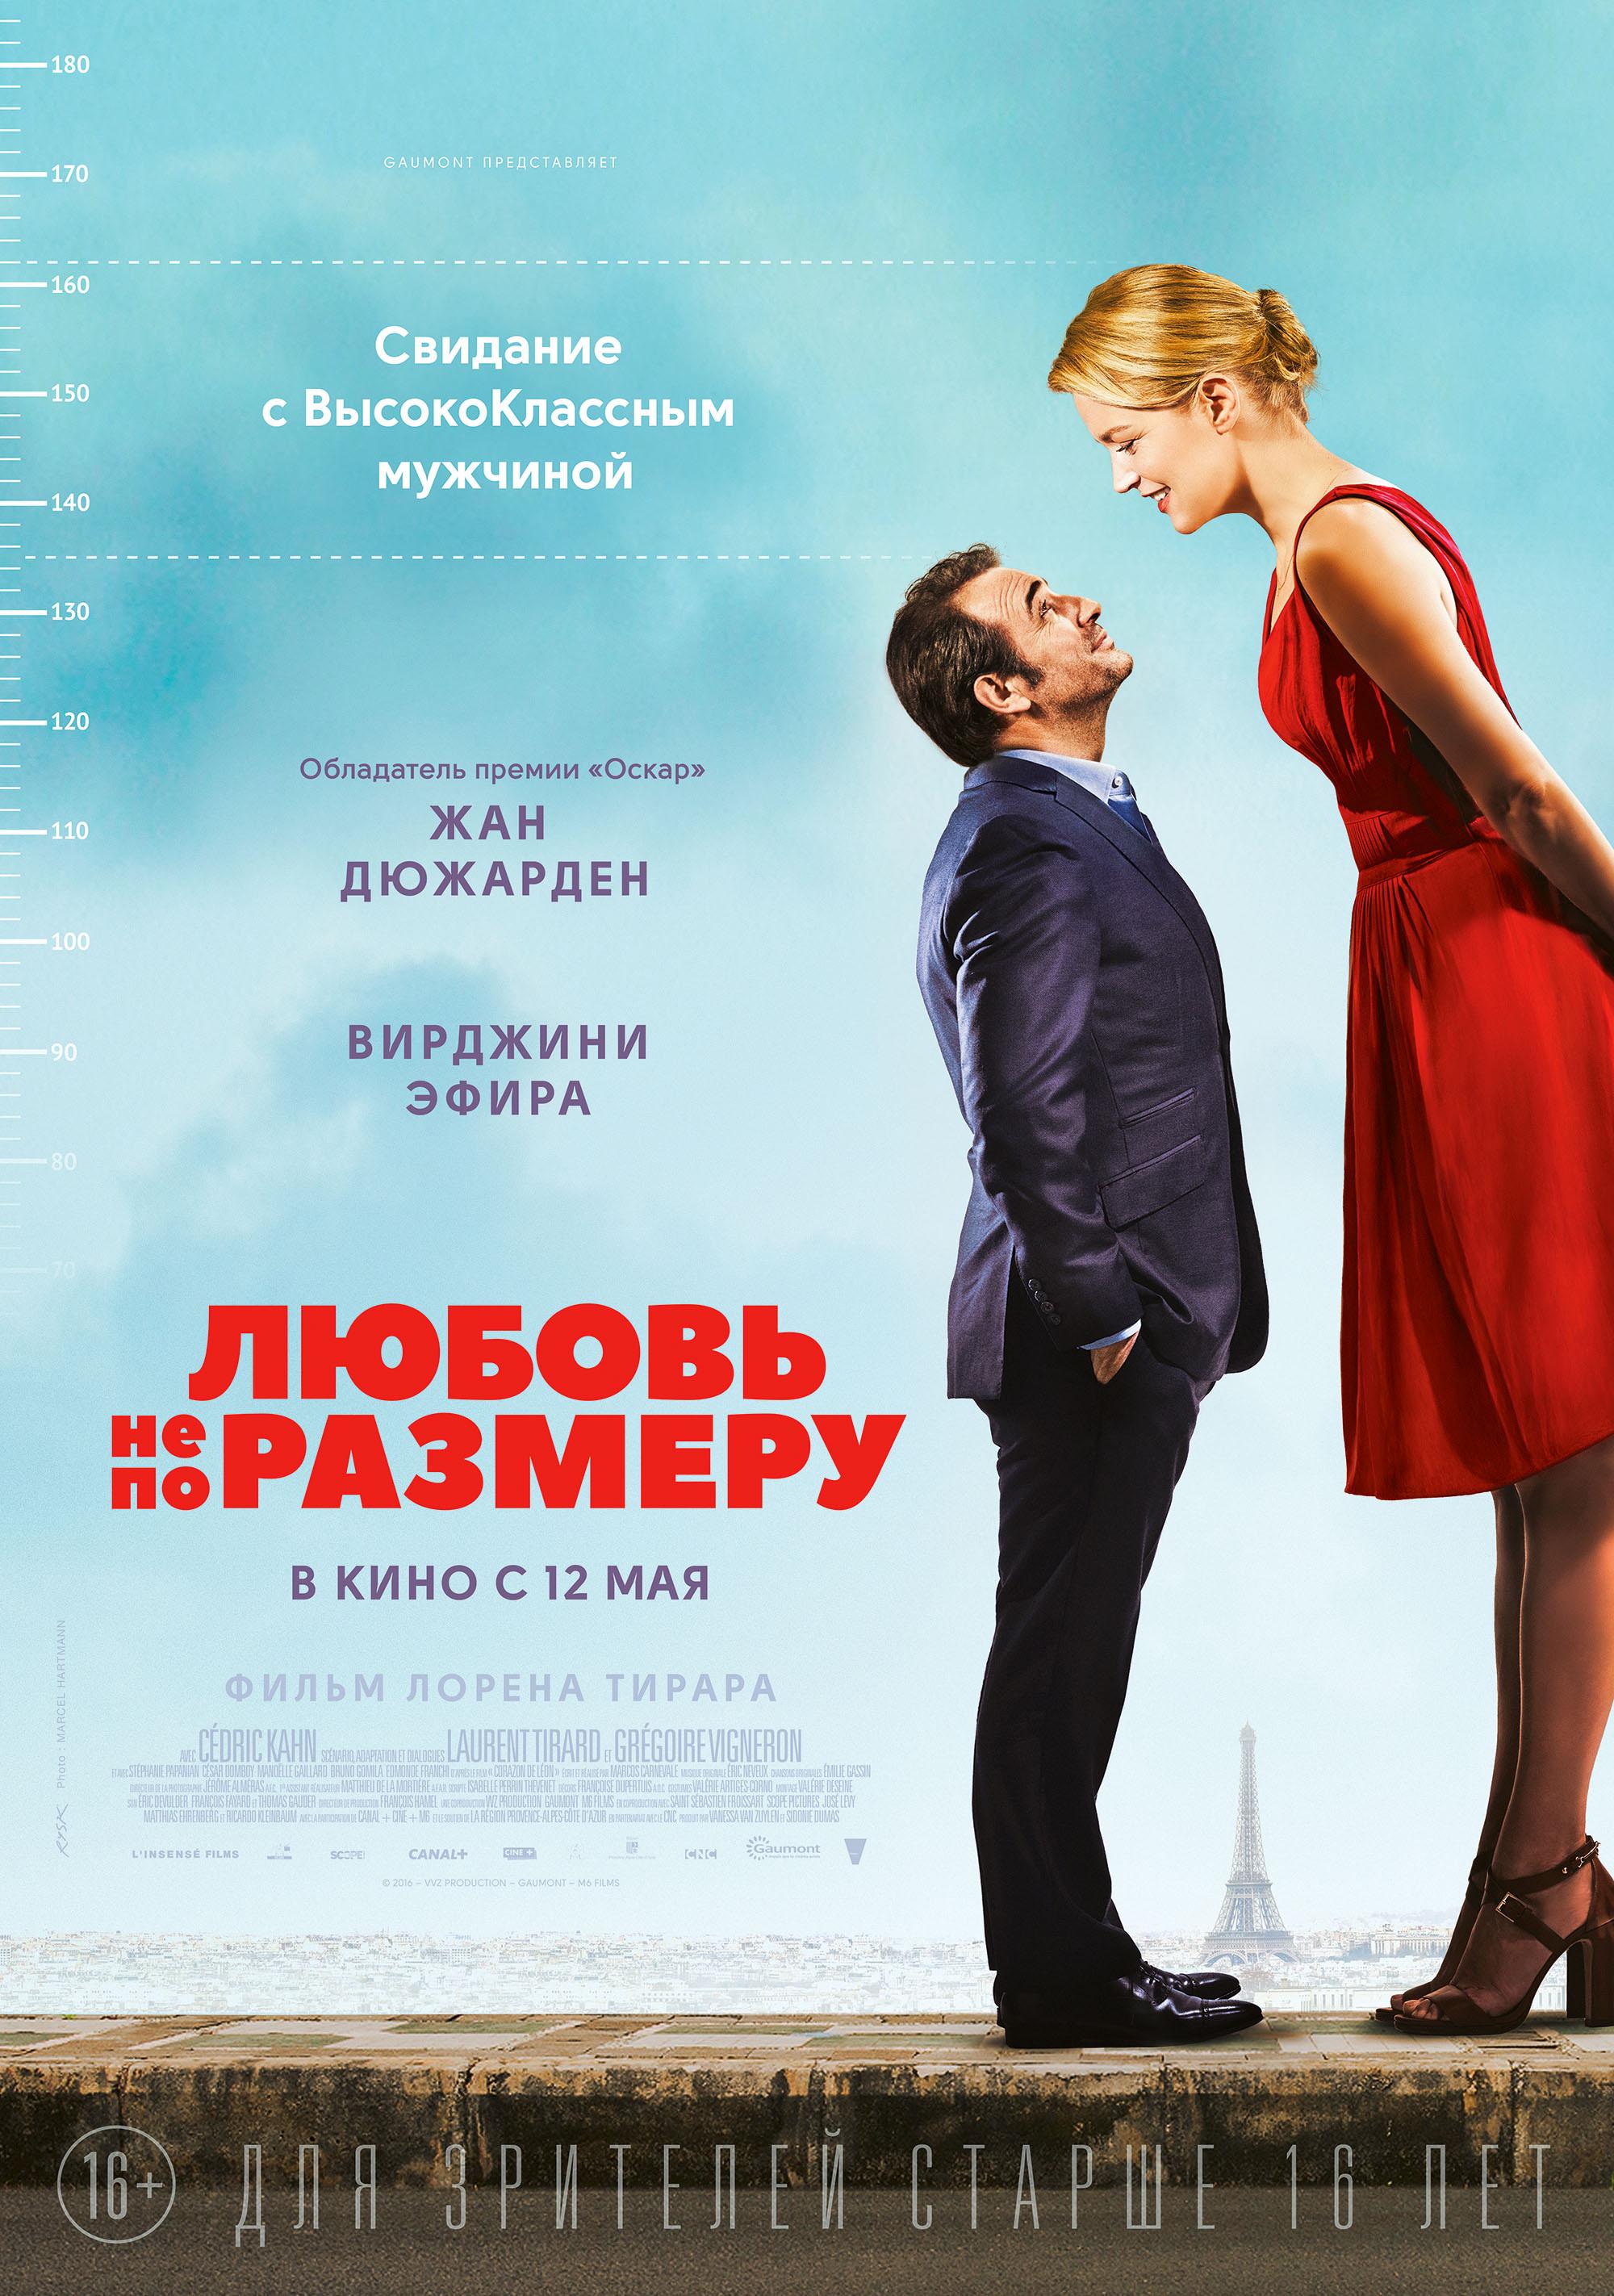 Фильм любовь не по размеру скачать торрент.